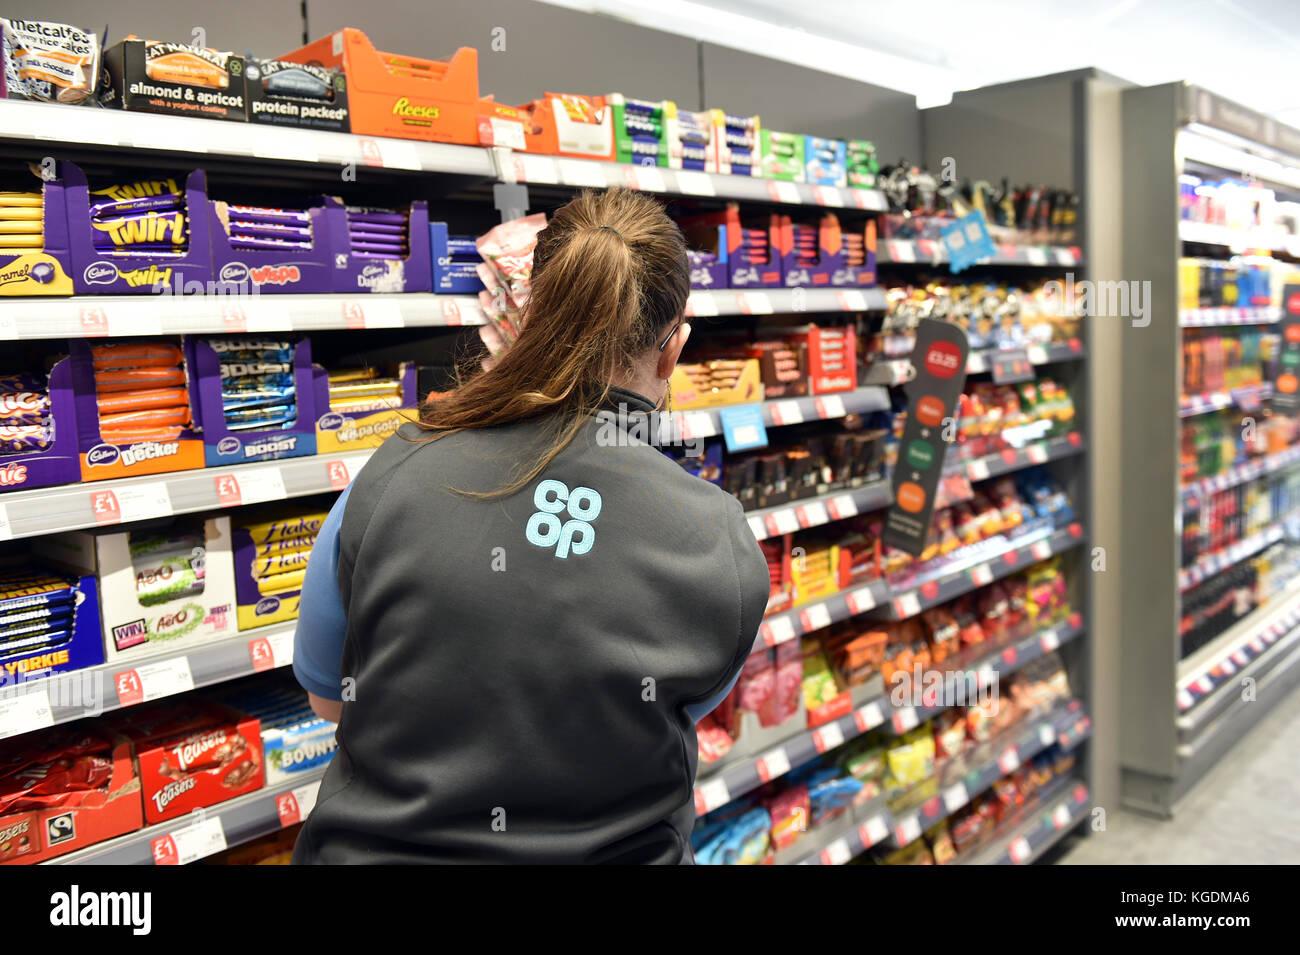 La durée de cumul dans une coopérative d'alimentation au détail, vue arrière d'un membre Photo Stock